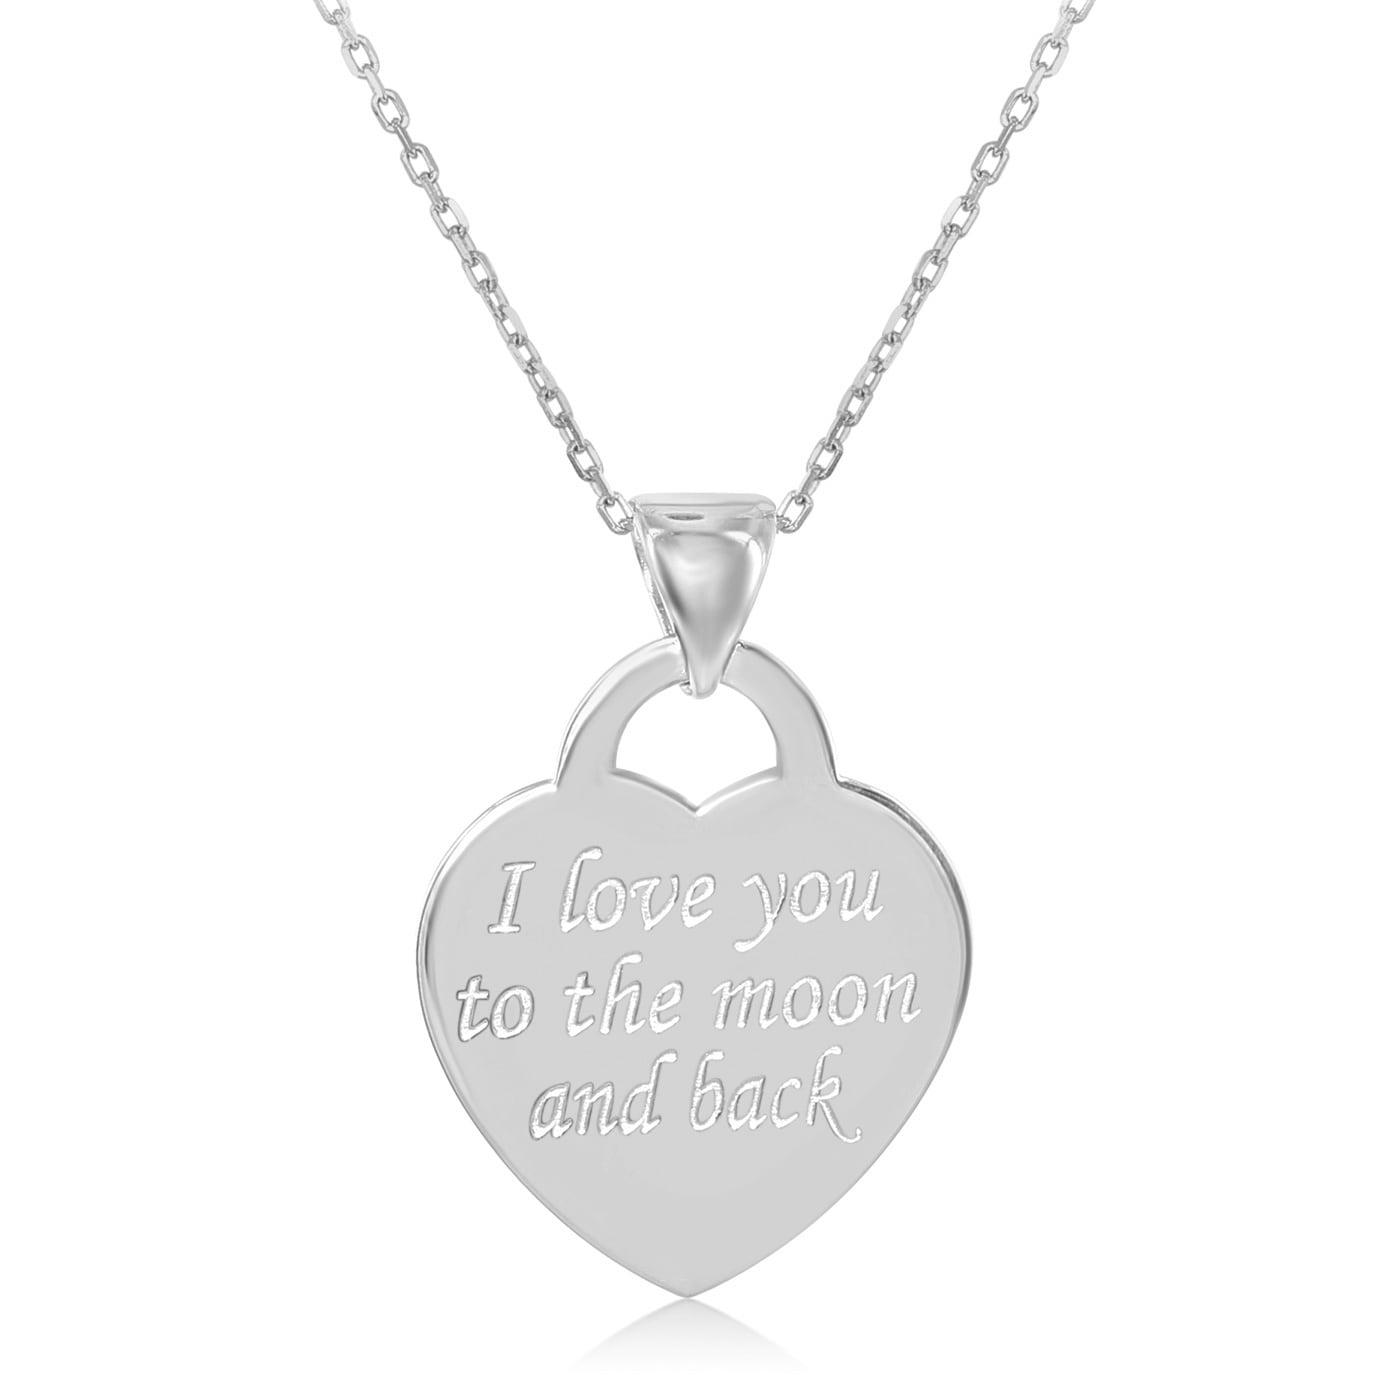 Shop La Preciosa Sterling Silver Italian Engraved Flat Heart Pendant